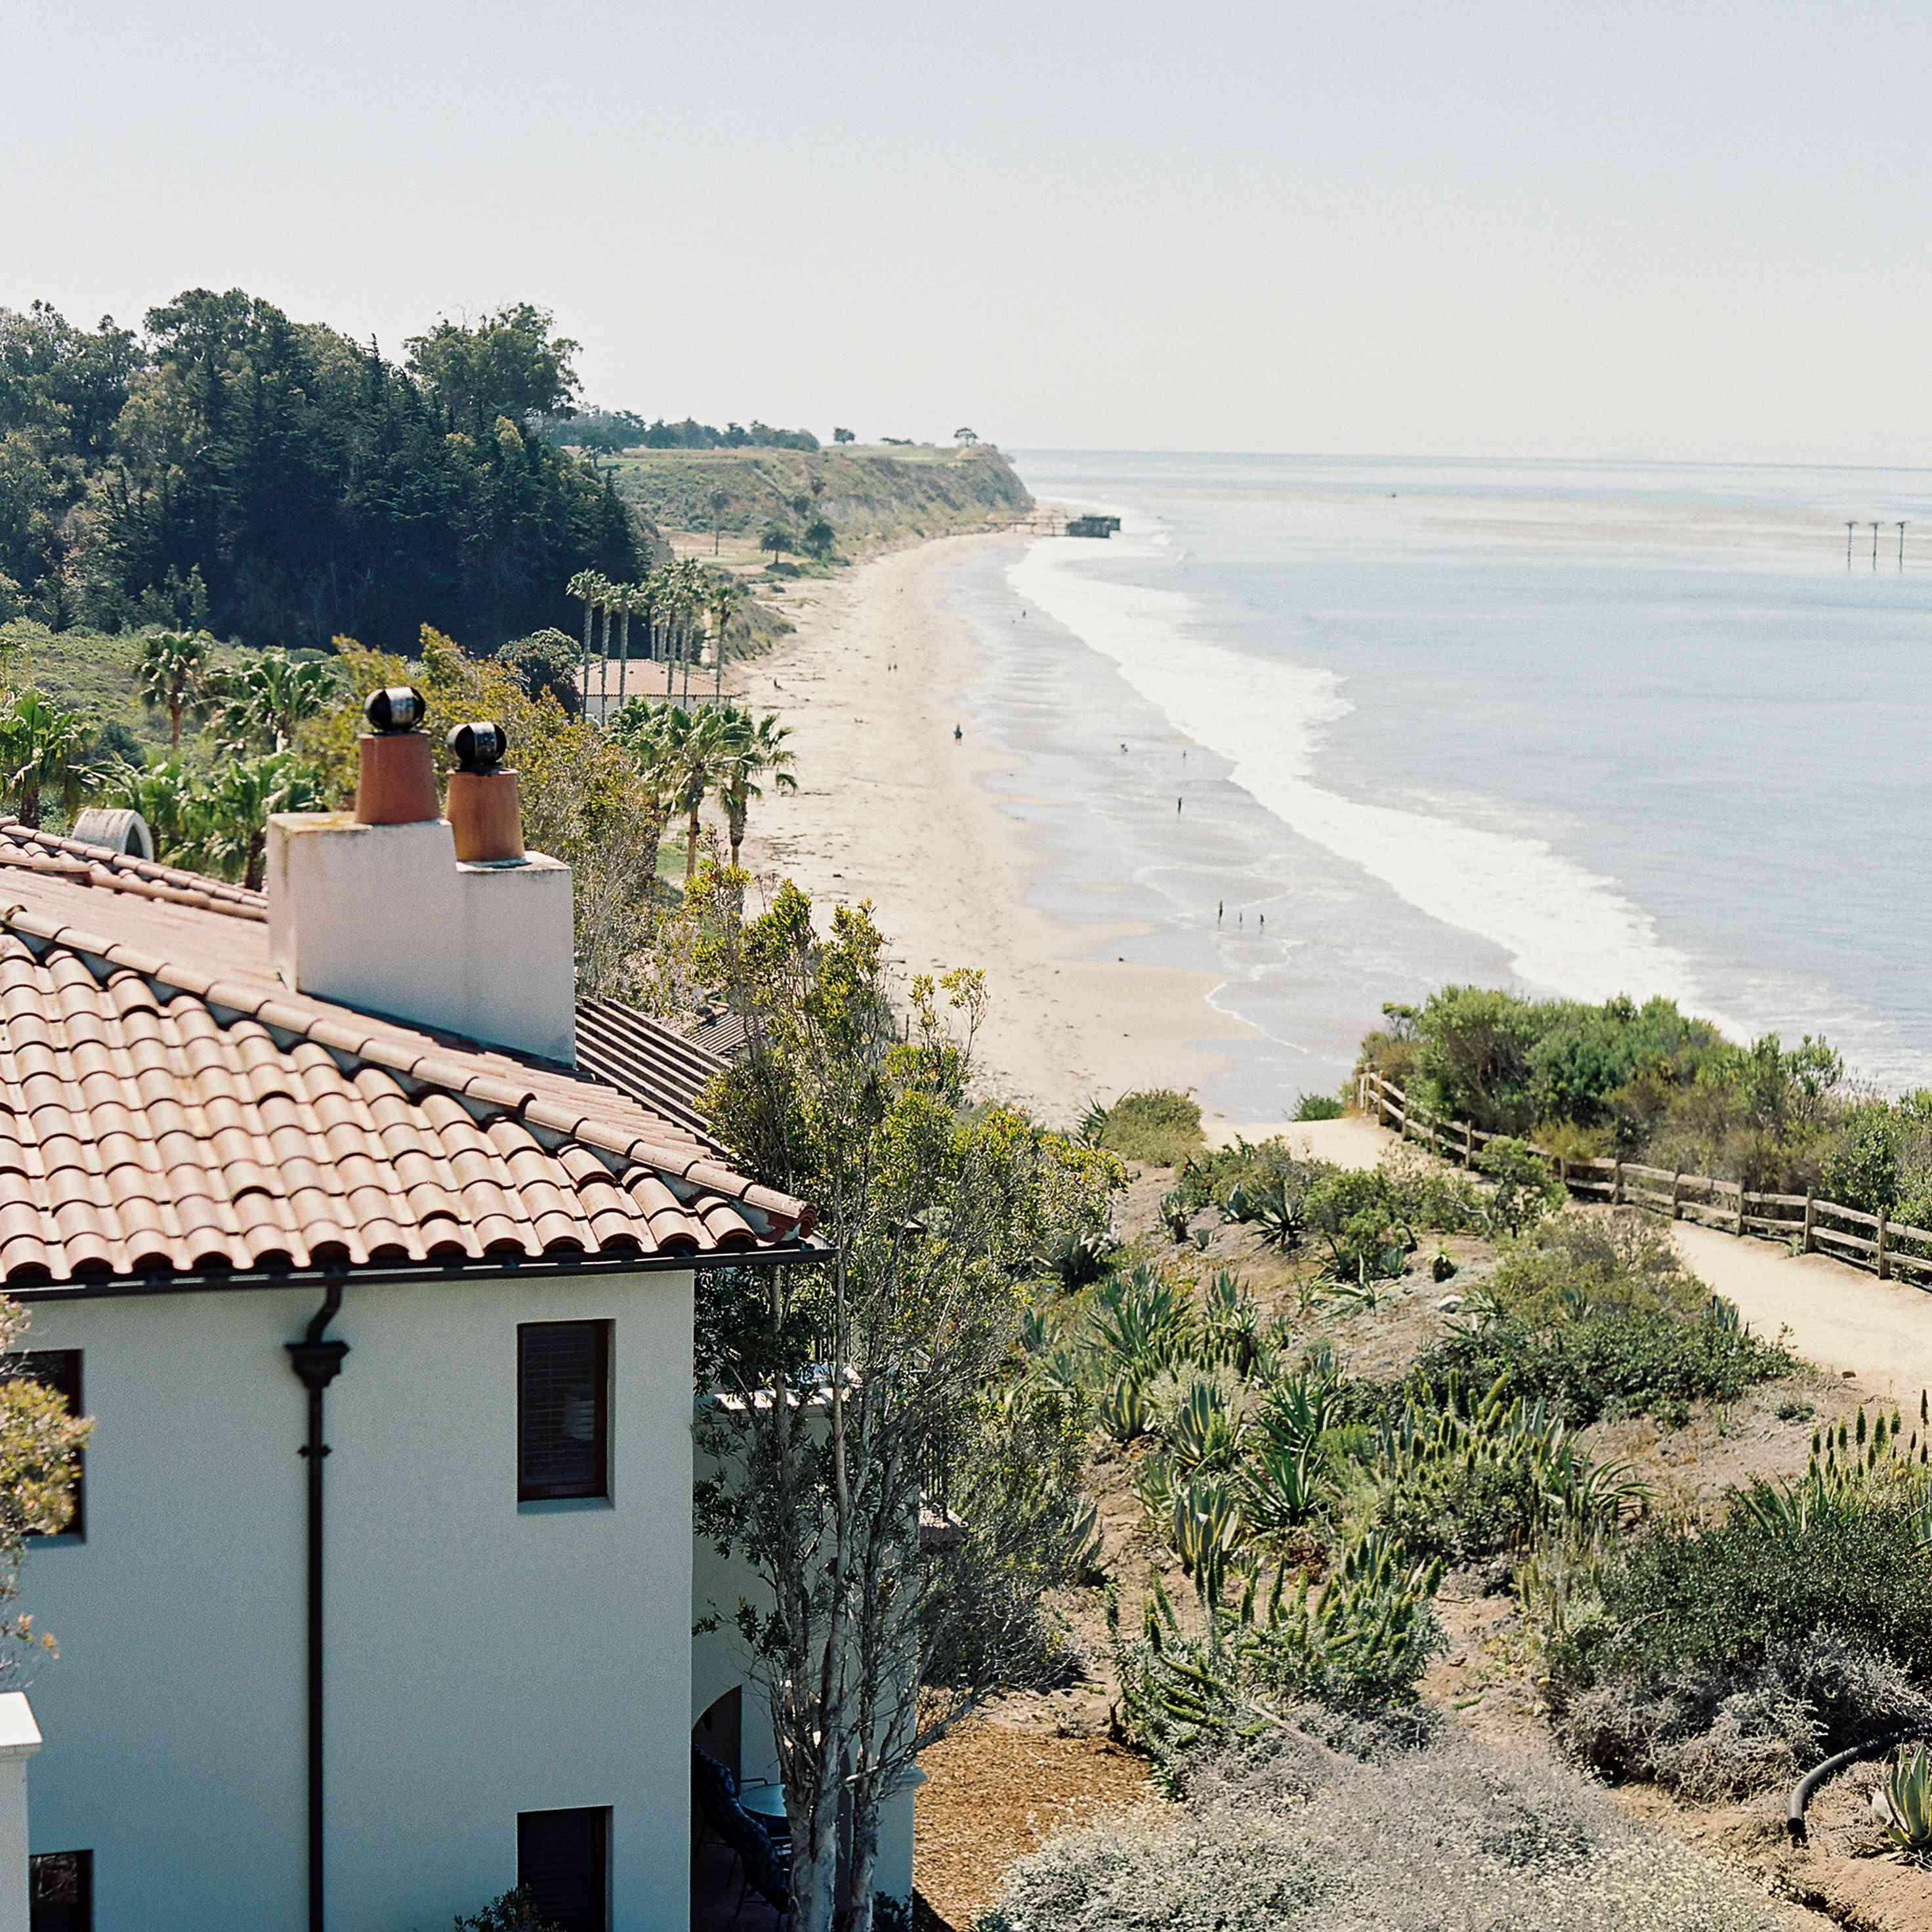 Seaside venue